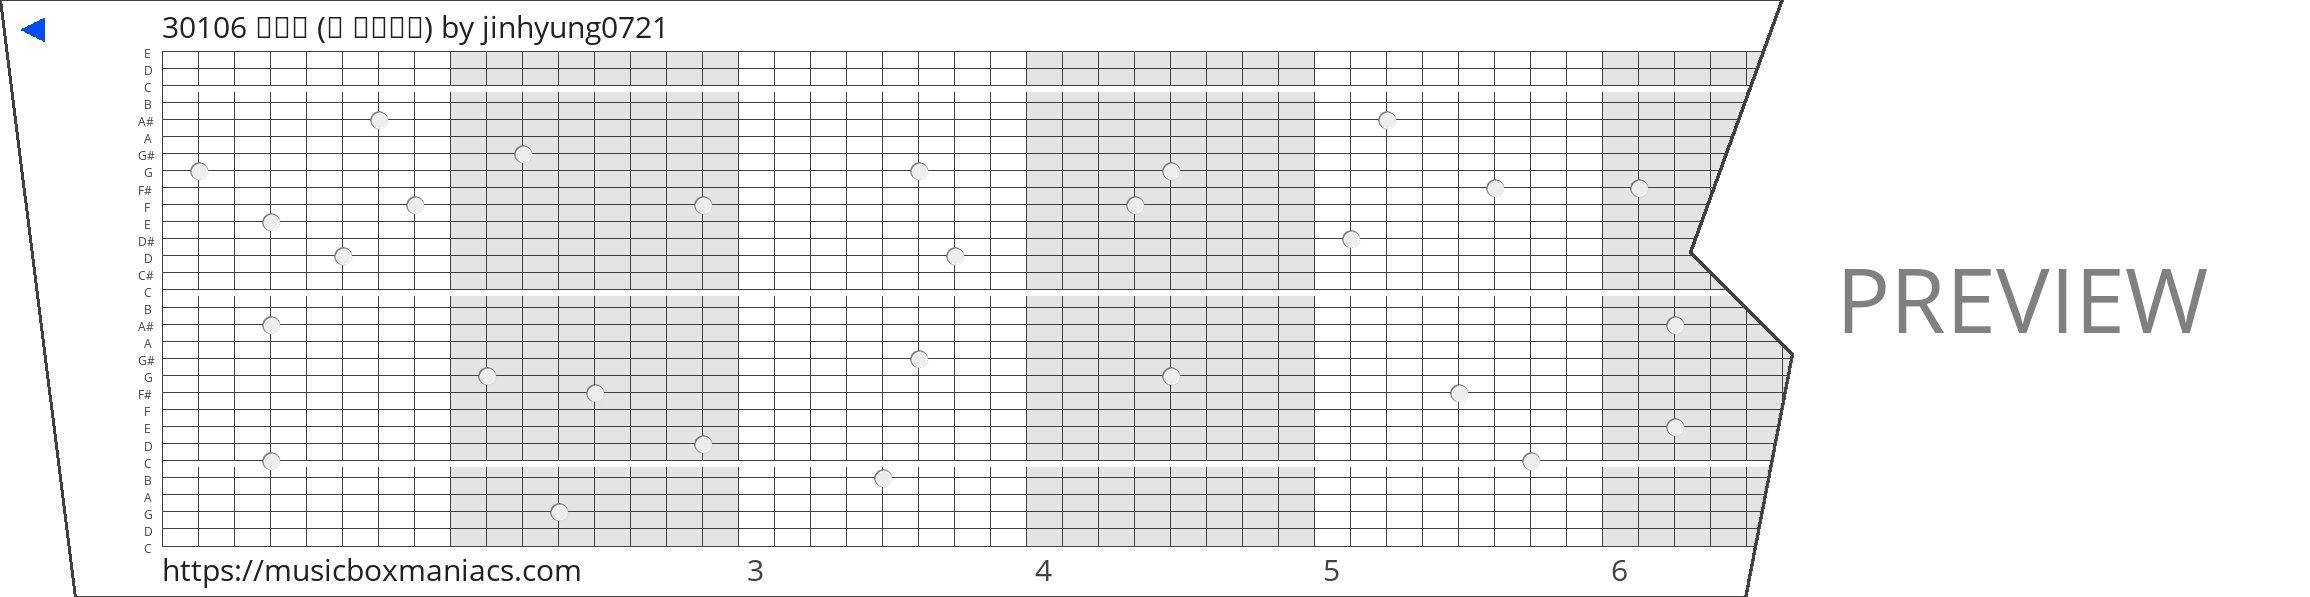 30106 곽진형 (내 정신상태) 30 note music box paper strip